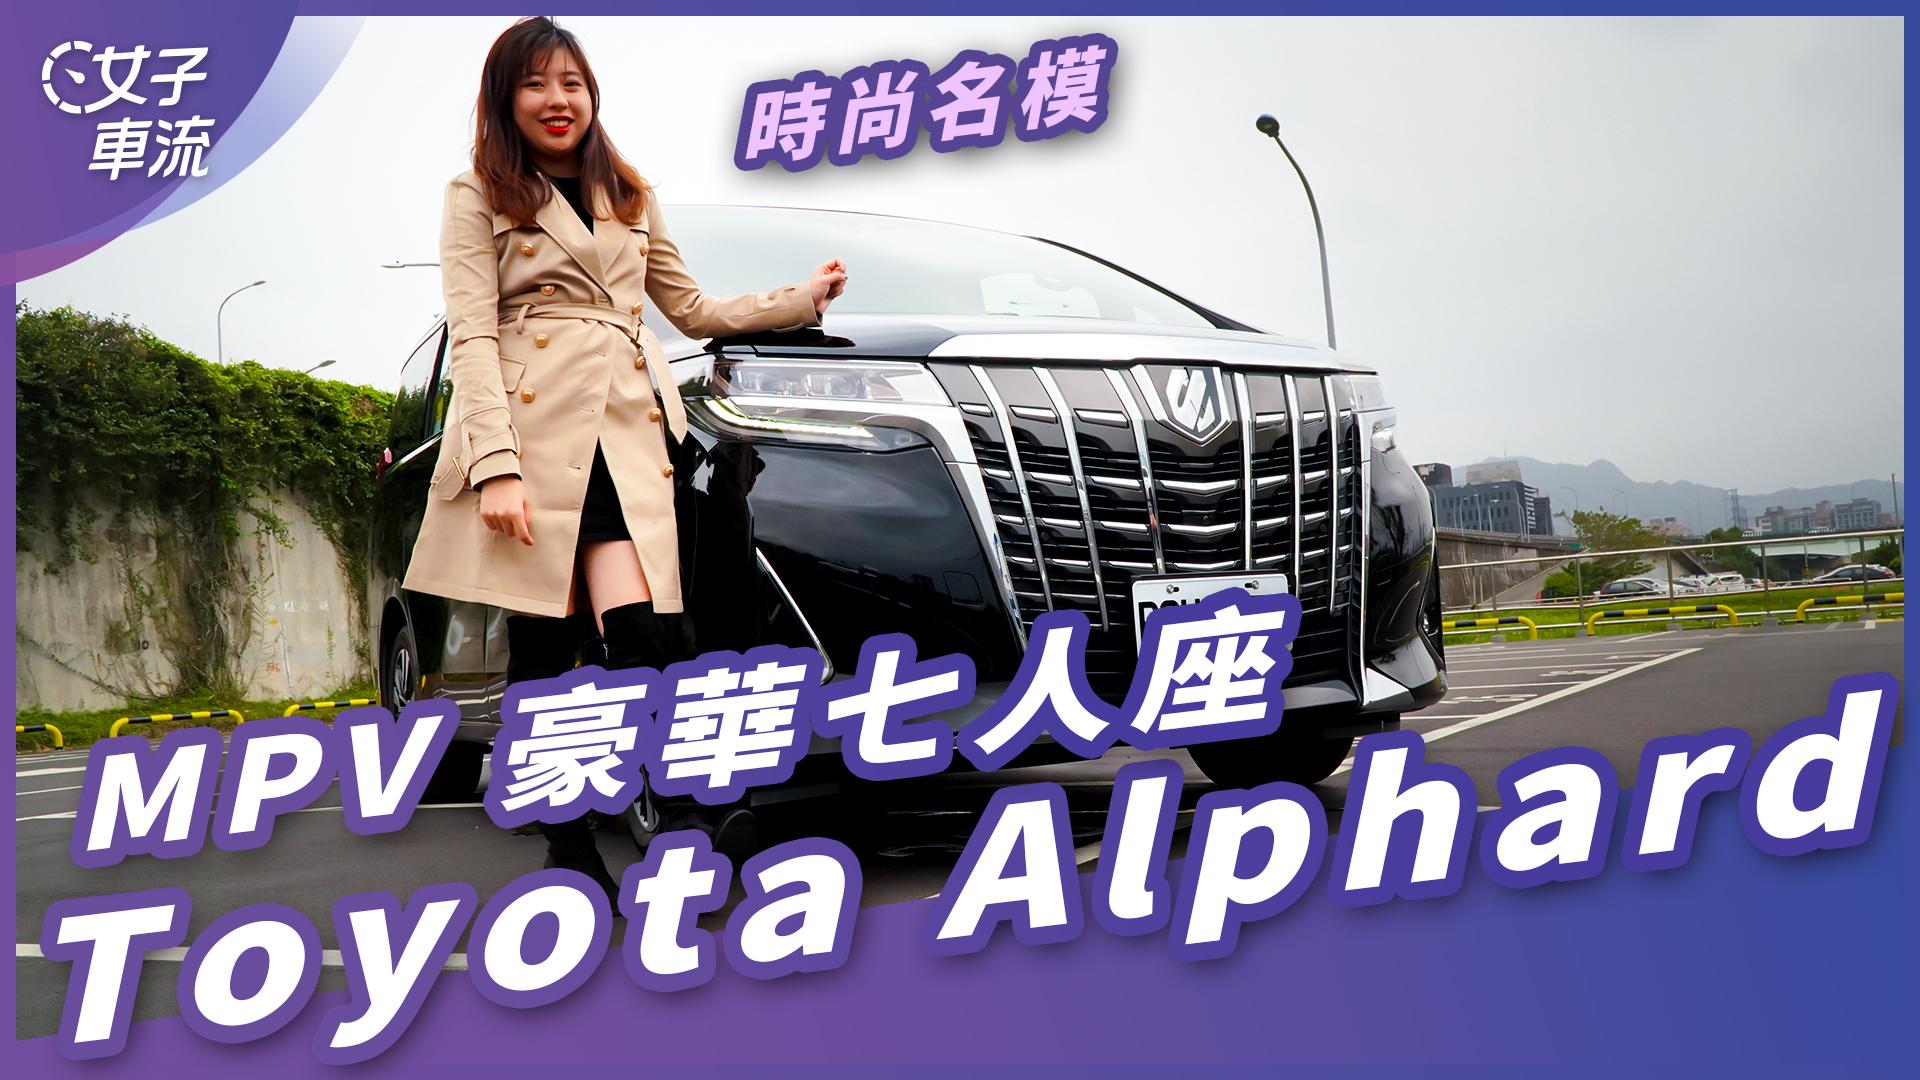 試駕 Toyota Alphard 2020 時尚名模 MPV 豪華七人座